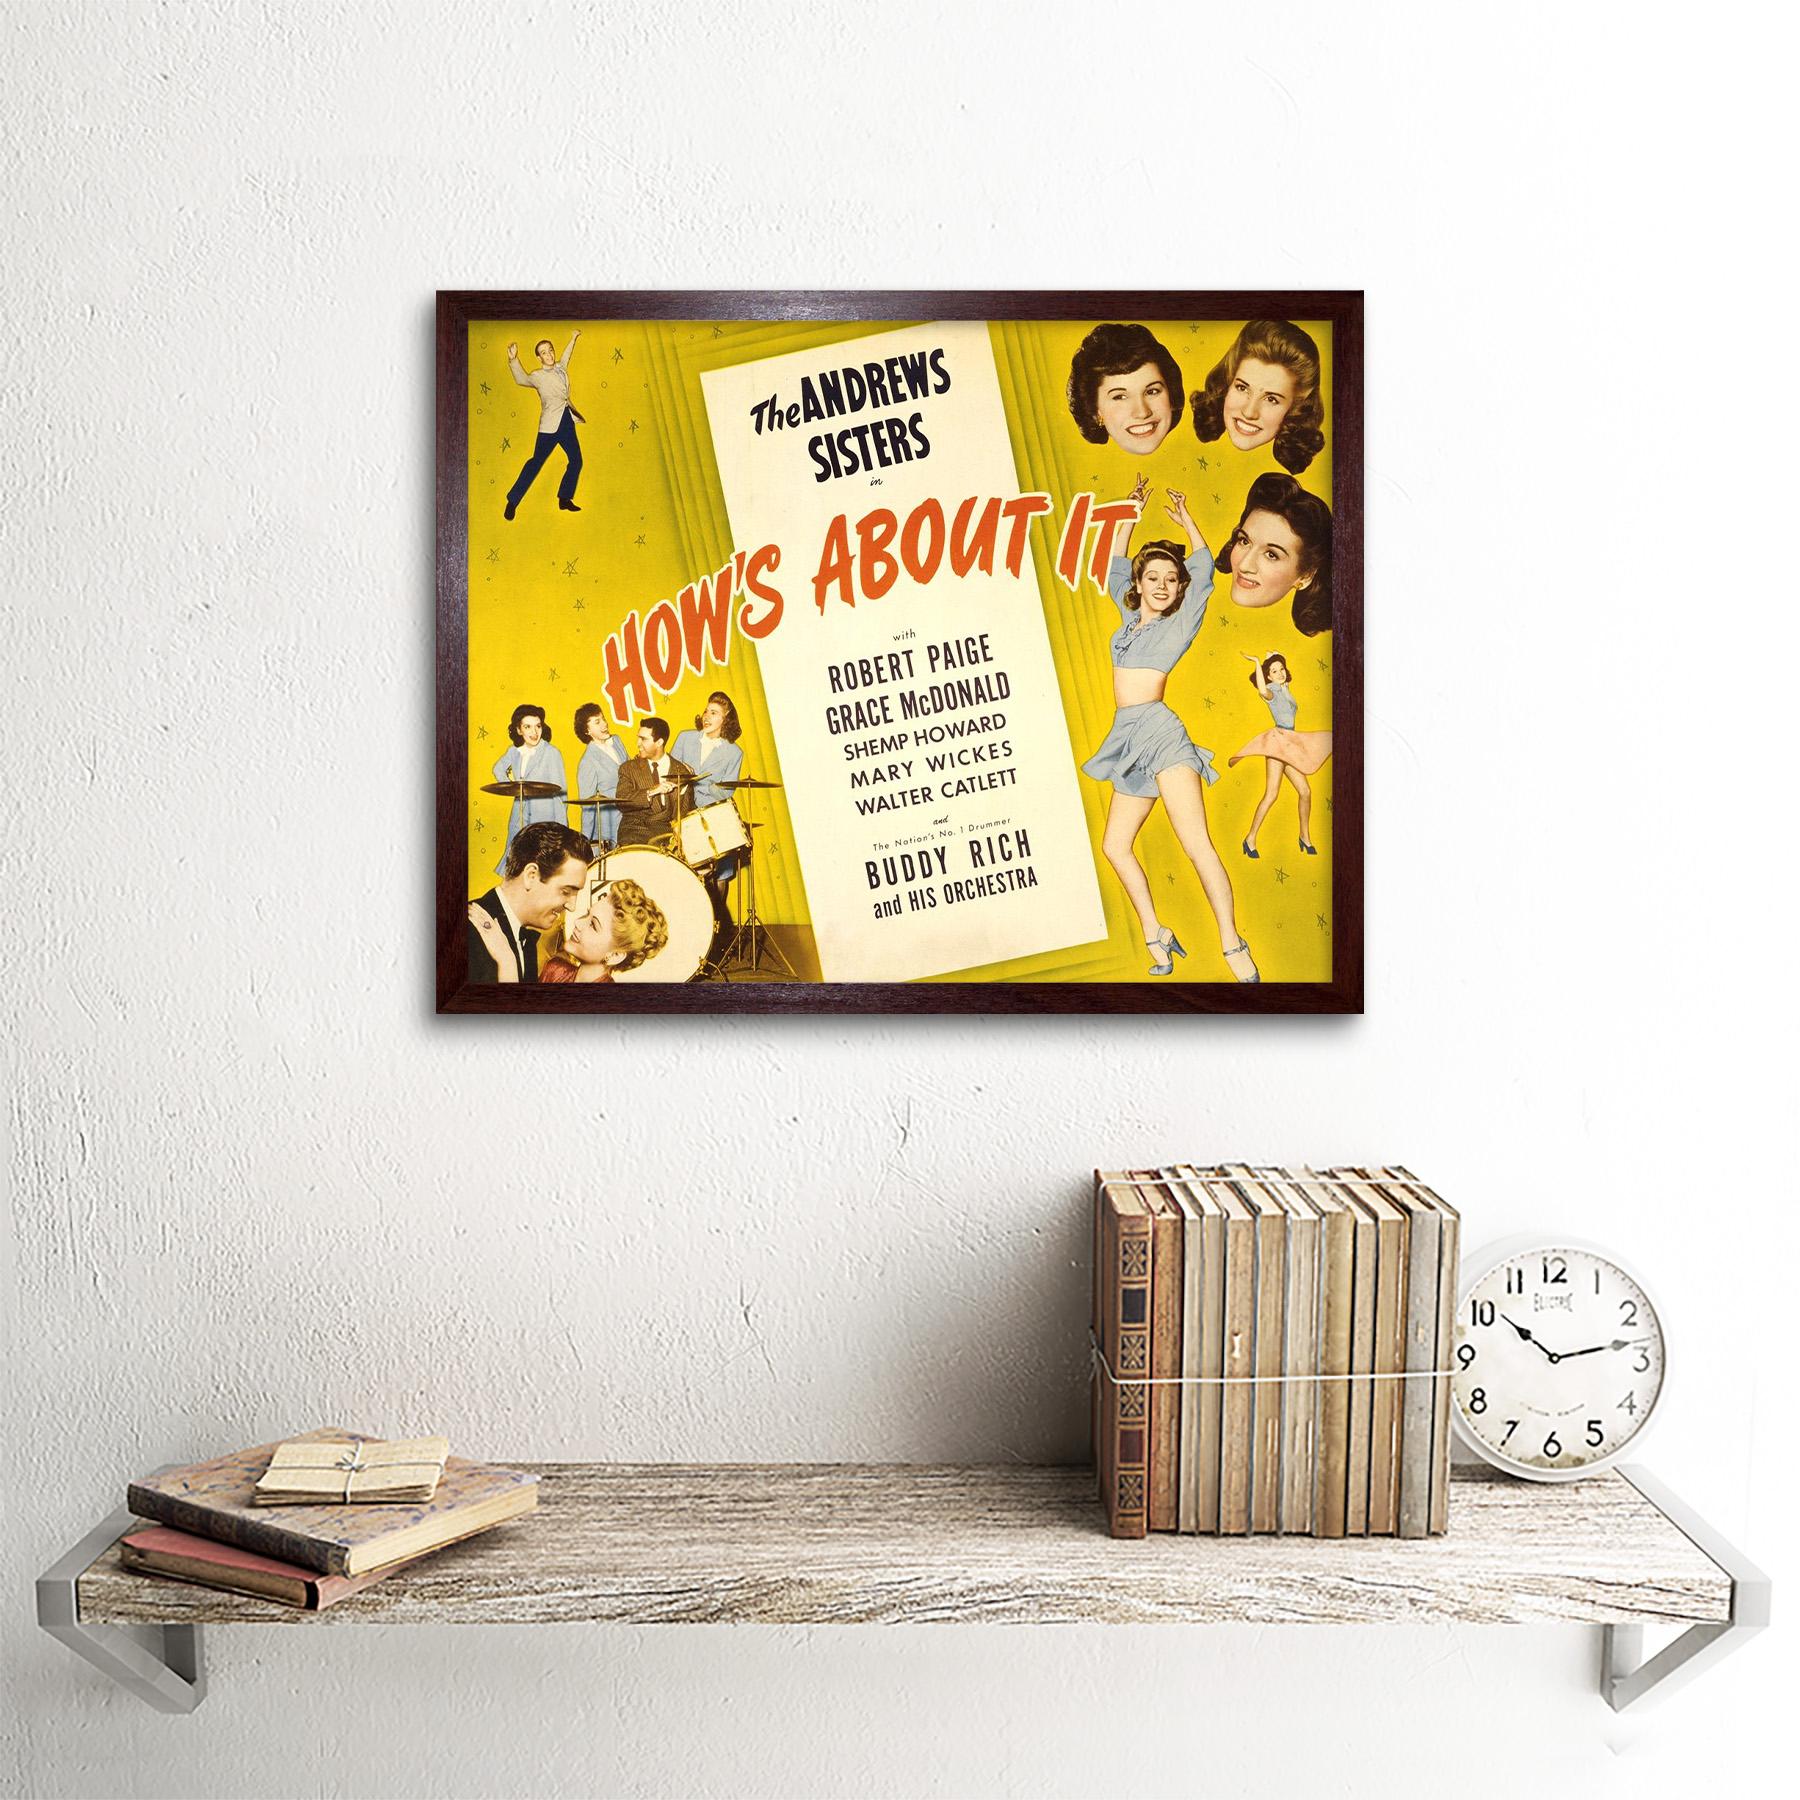 Publicidad Pelicula Peli muestra sobre ello Andrews Sisters 12X16 pulgadas impresión arte enmarcado